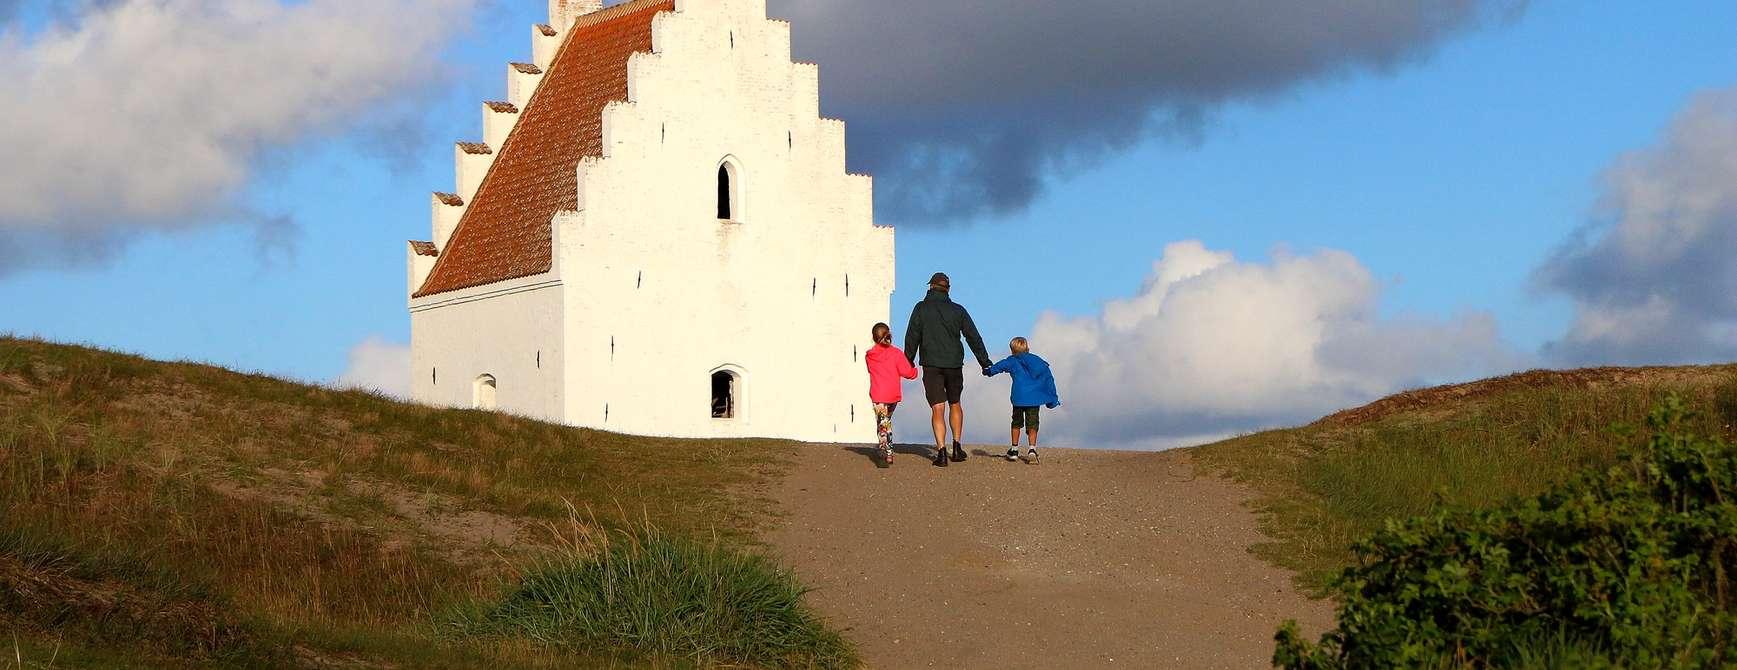 Den tilsande kirke sør for Skagen på toppen av Danmark er et interessant skue. Foto: Fjord Line